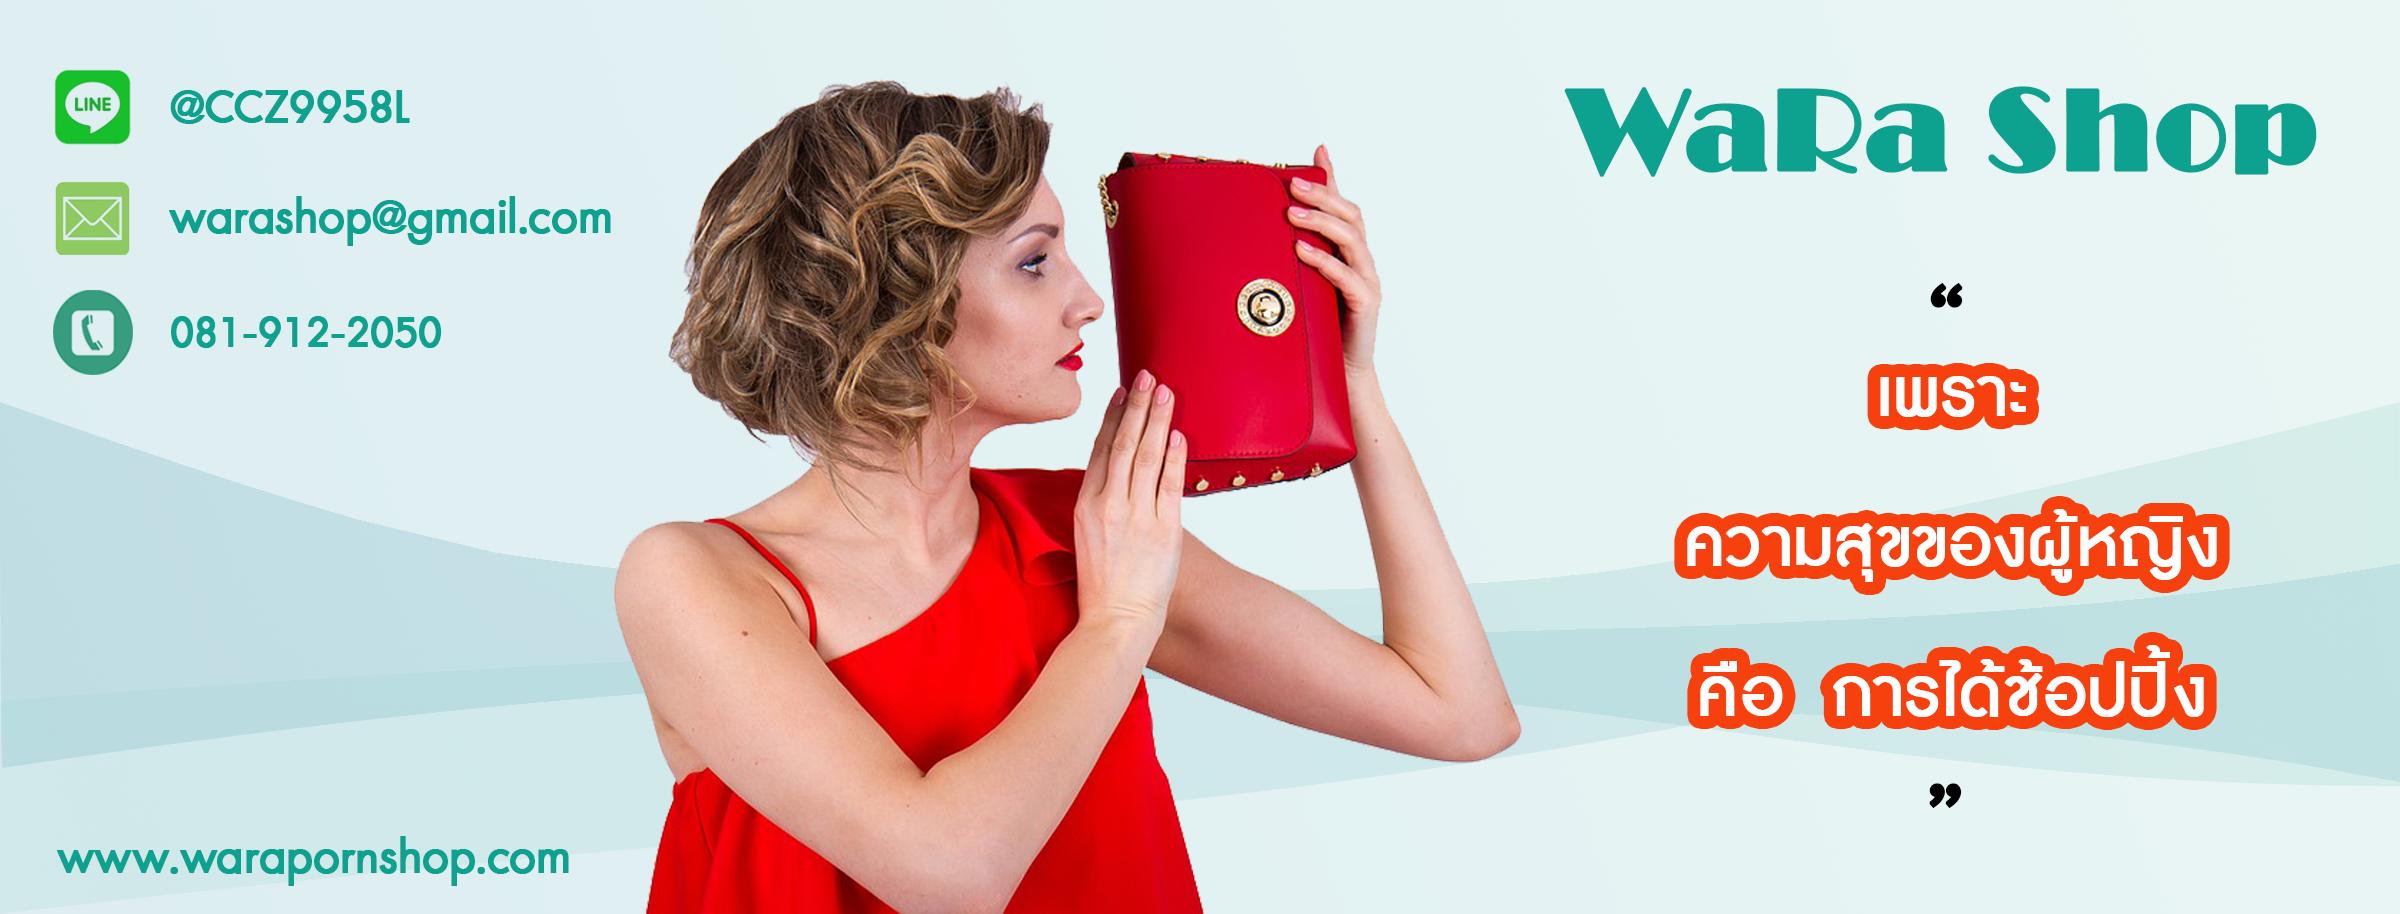 สินค้าแฟชั่นผู้หญิงมีสไตล์ เสื้อผ้า กระเป๋า รองเท้า เครื่องประดับ by @WaRa Shop